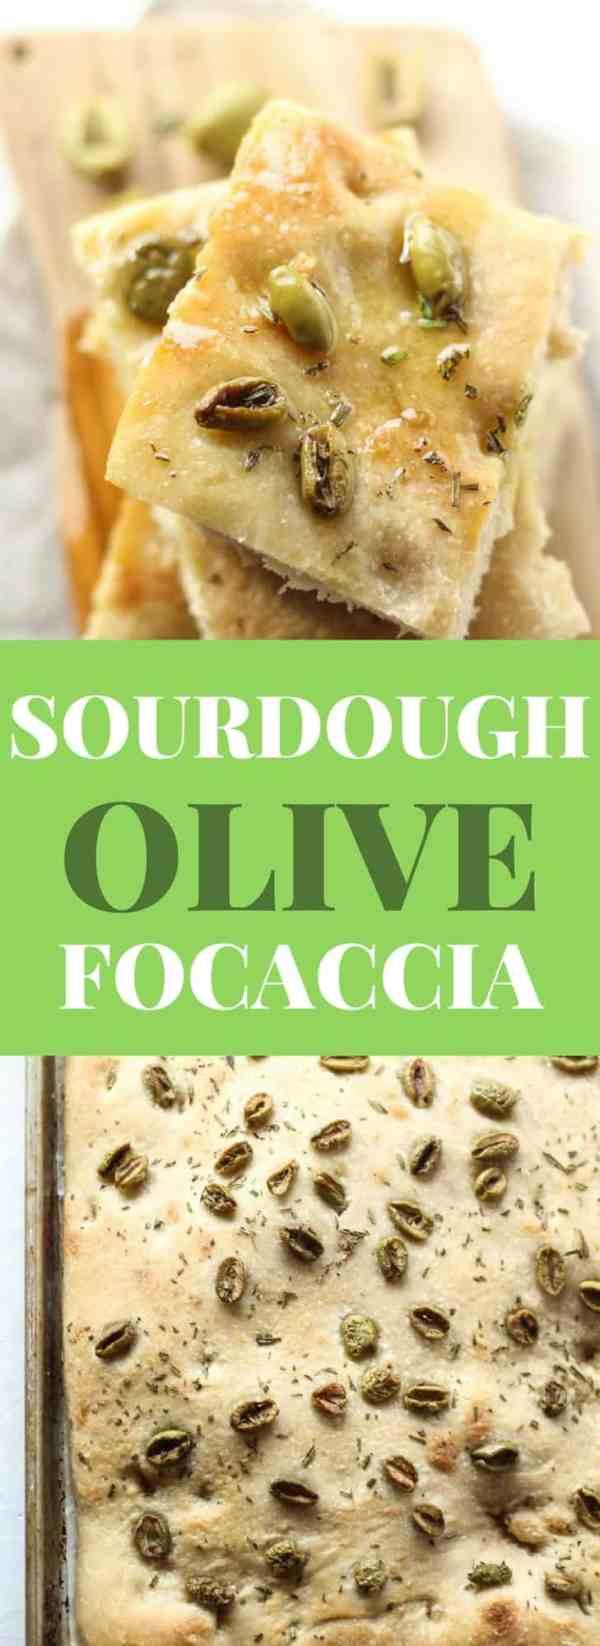 Sourdough Focaccia Bread recipe with olives and fresh rosemary. Focaccia bread easy, focaccia bread recipe Italian, sourdough focaccia bread